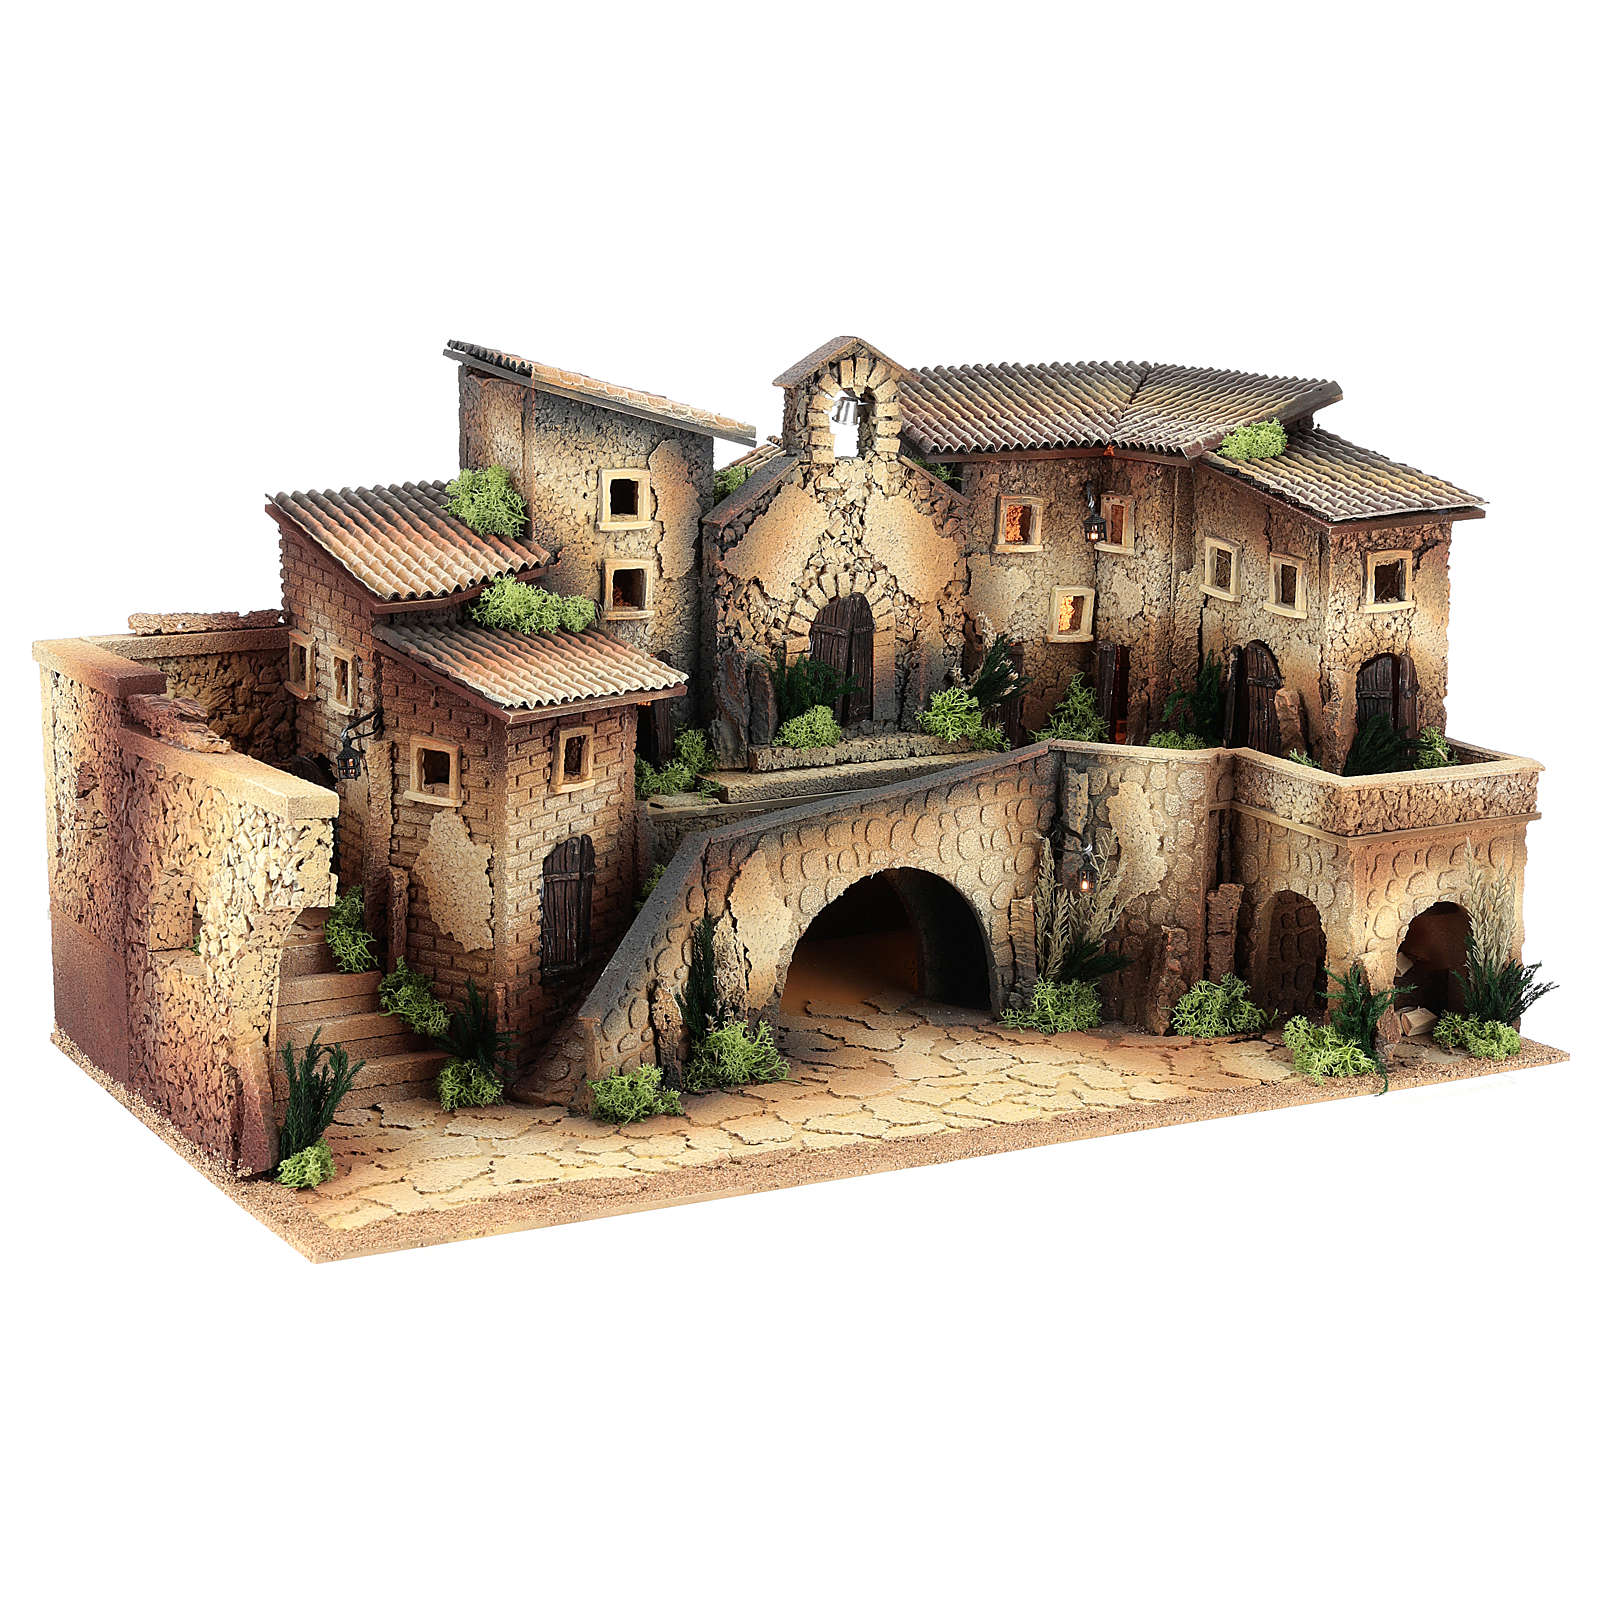 Ambientación belén 8 cm con iglesia 40x70x40 cm 4